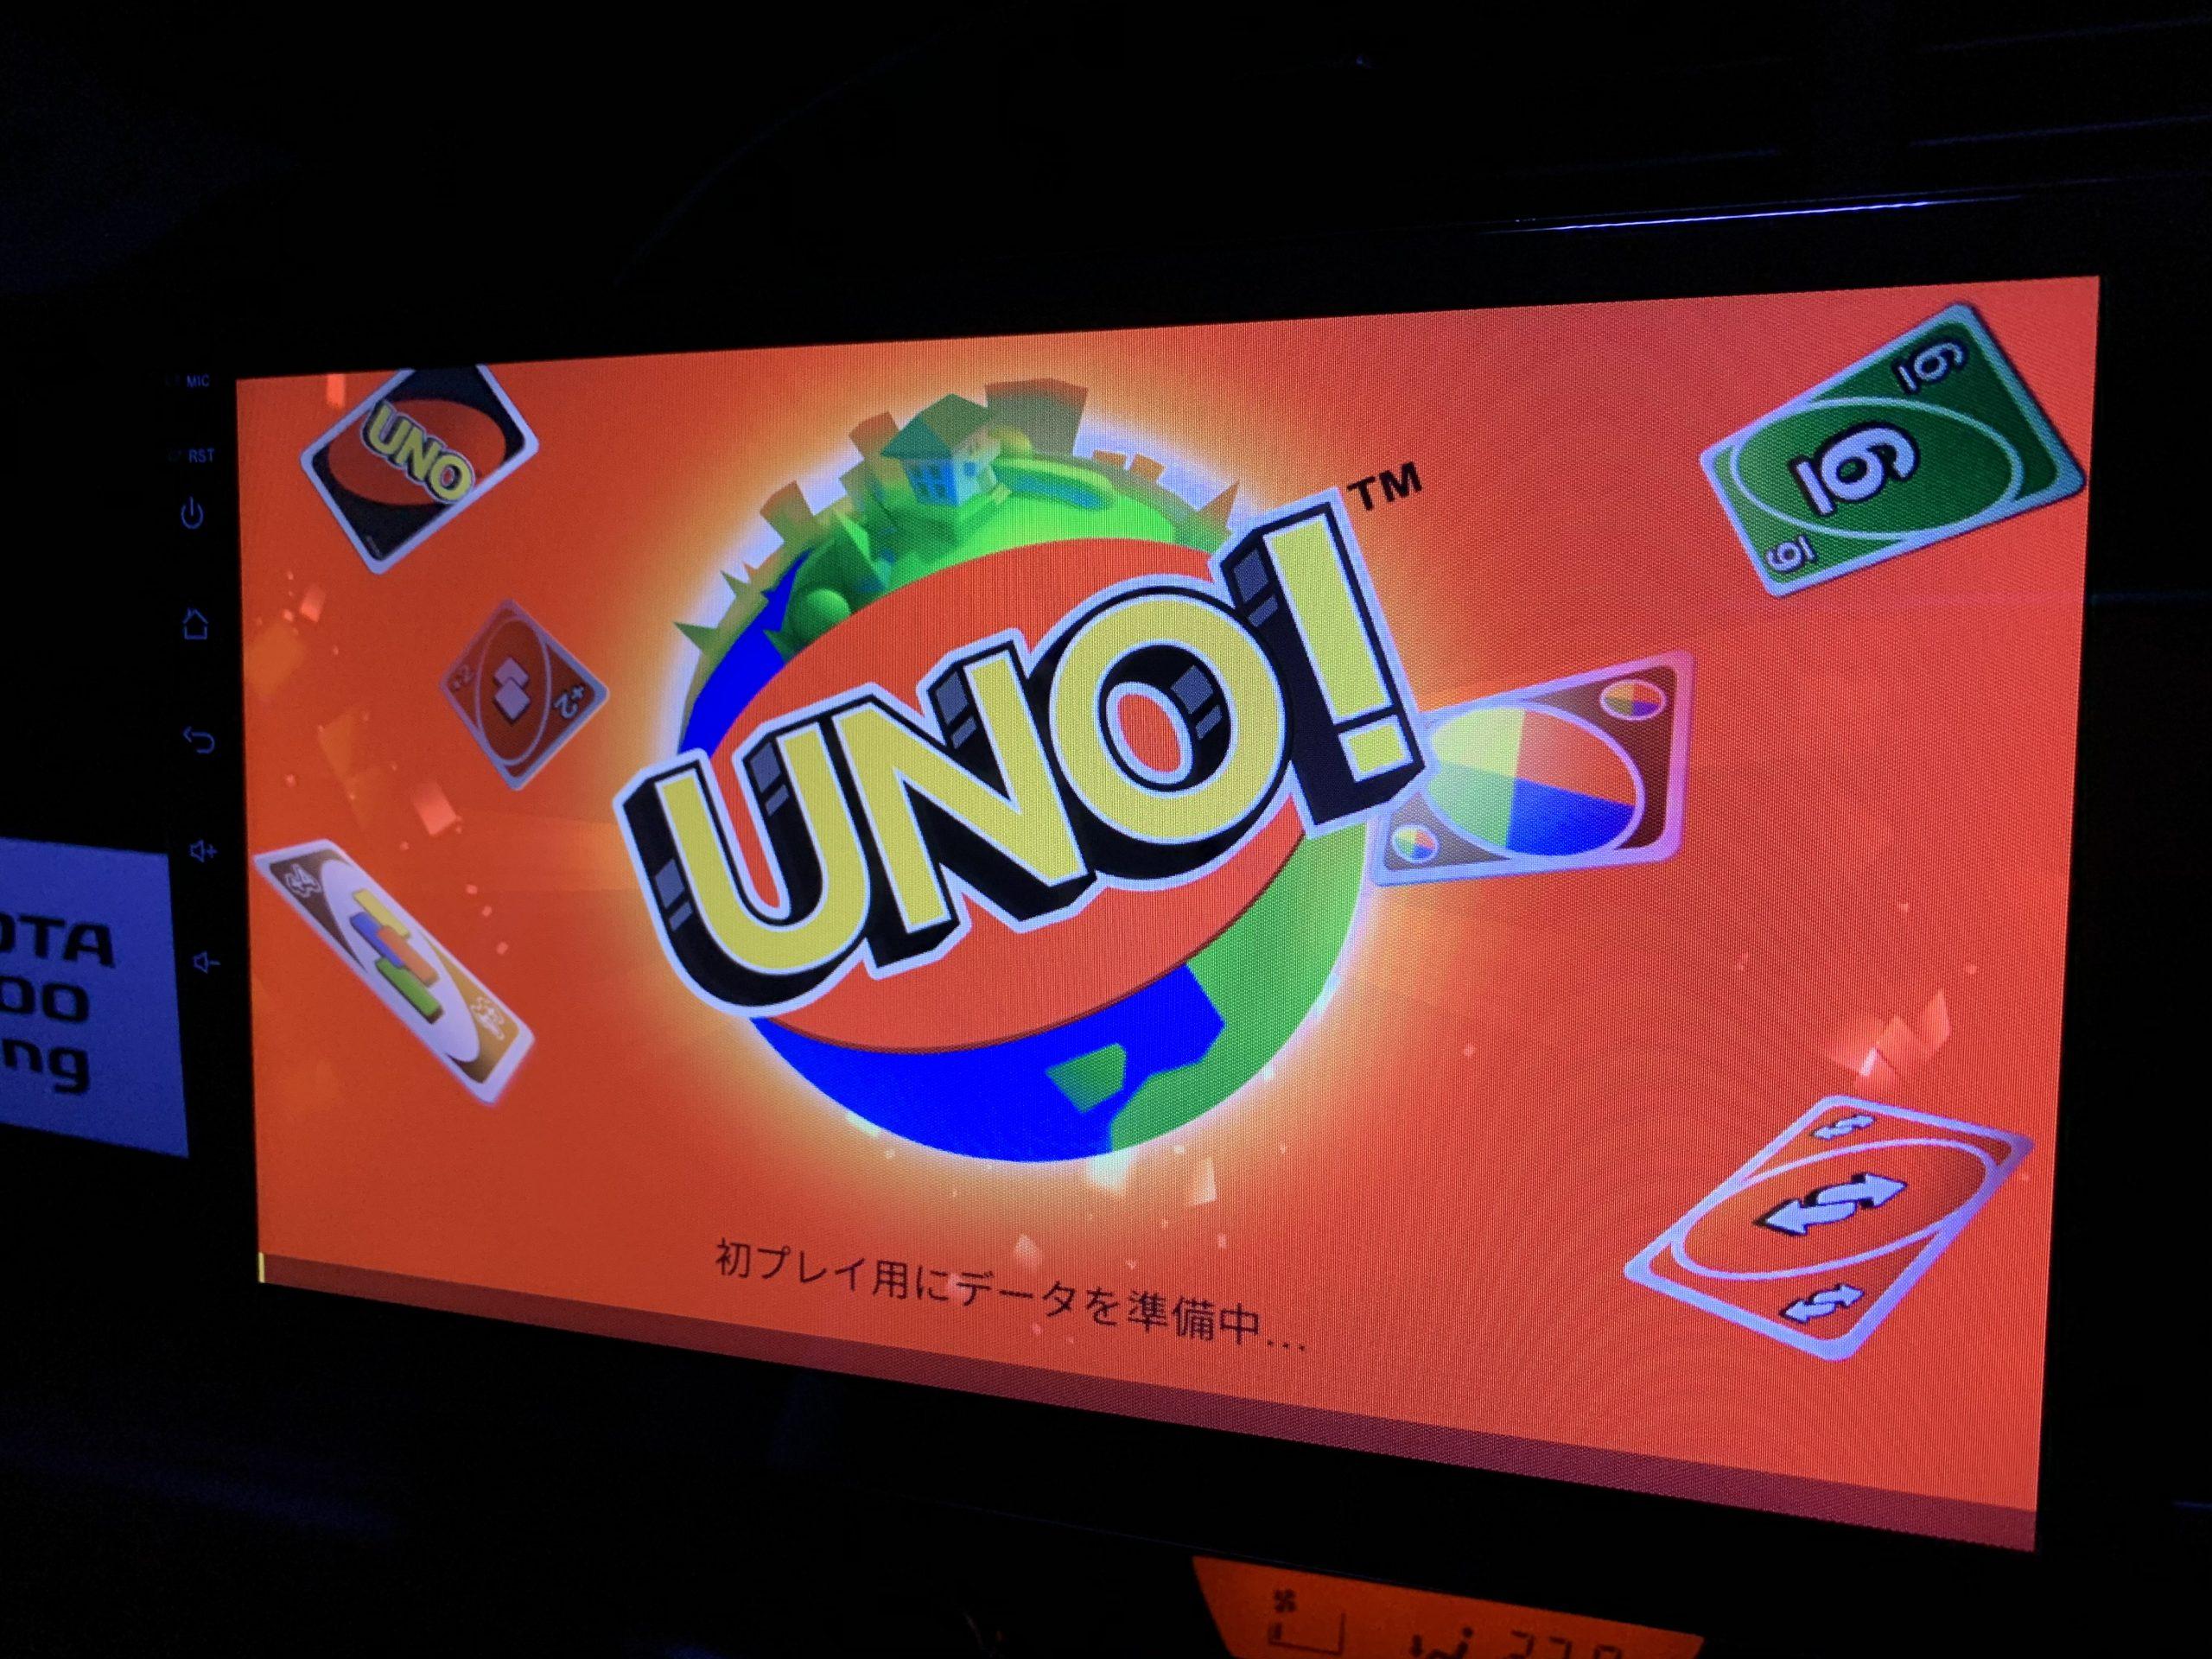 ゲームアプリ UNO